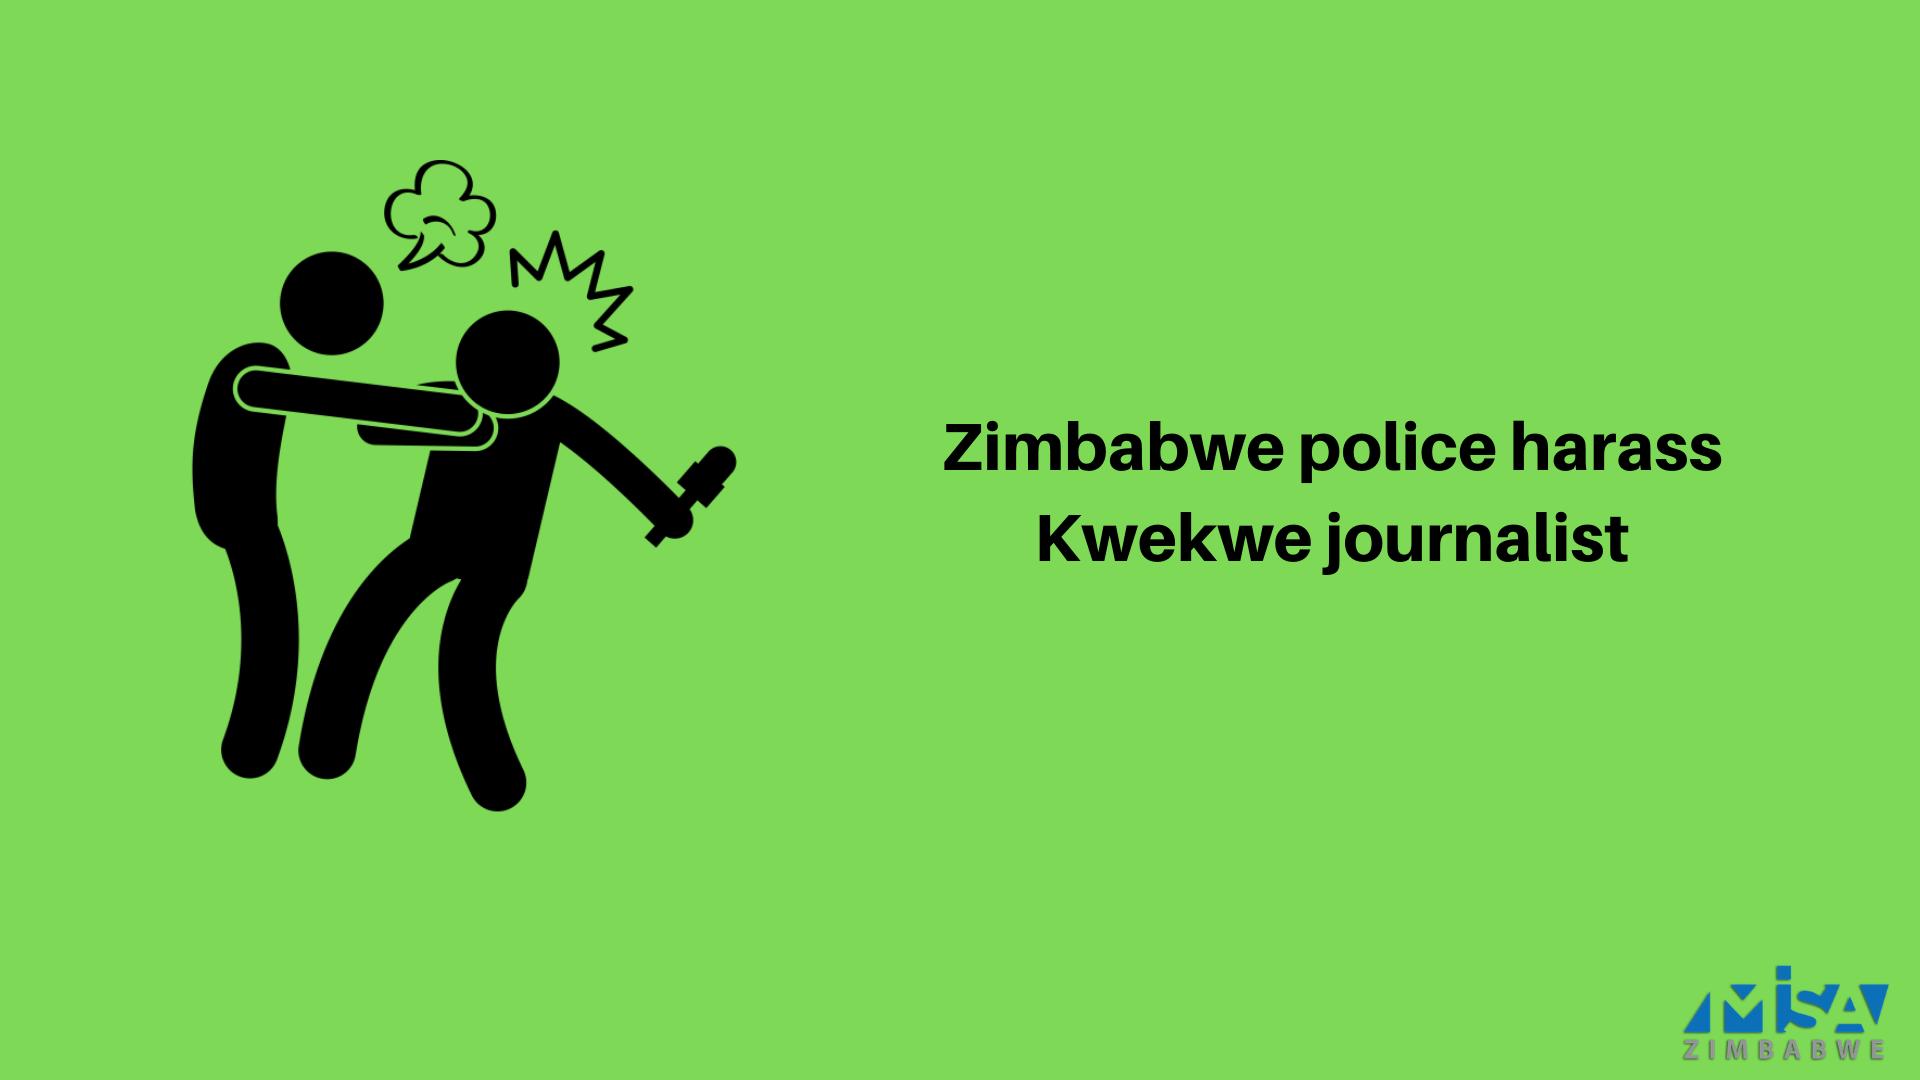 Zimbabwe police harass Kwekwe journalist